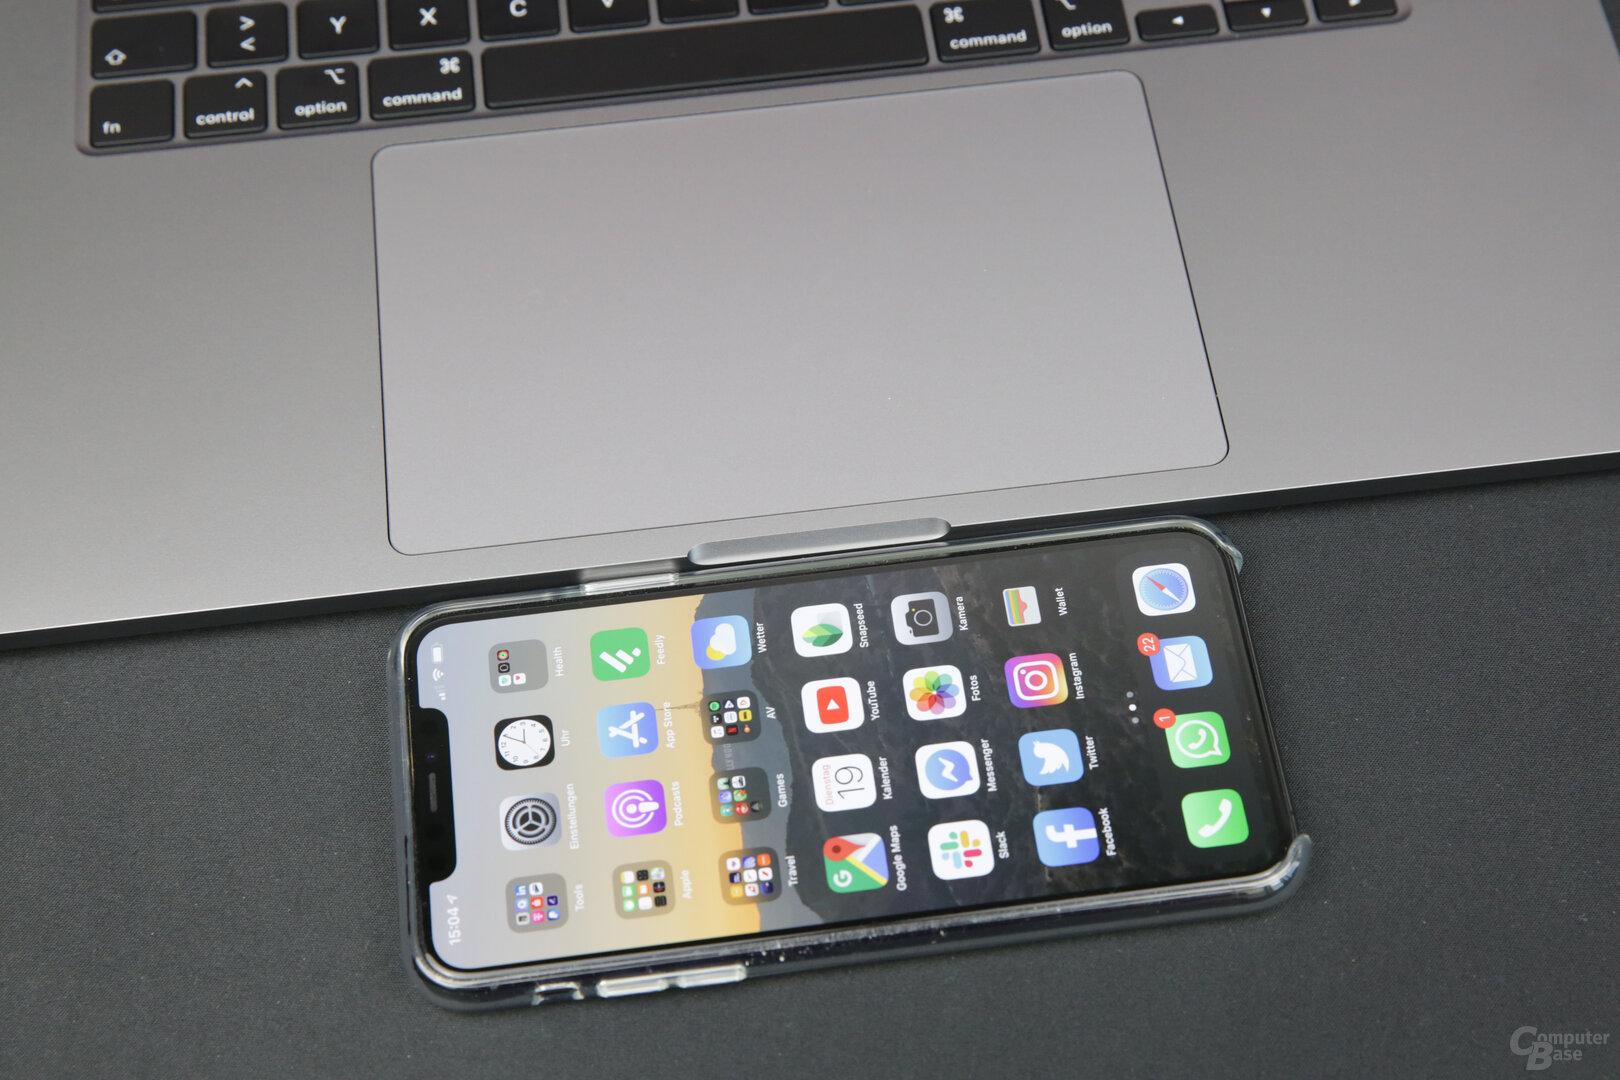 Das Trackpad ist größer als das Display eines iPhone 11 Pro Max